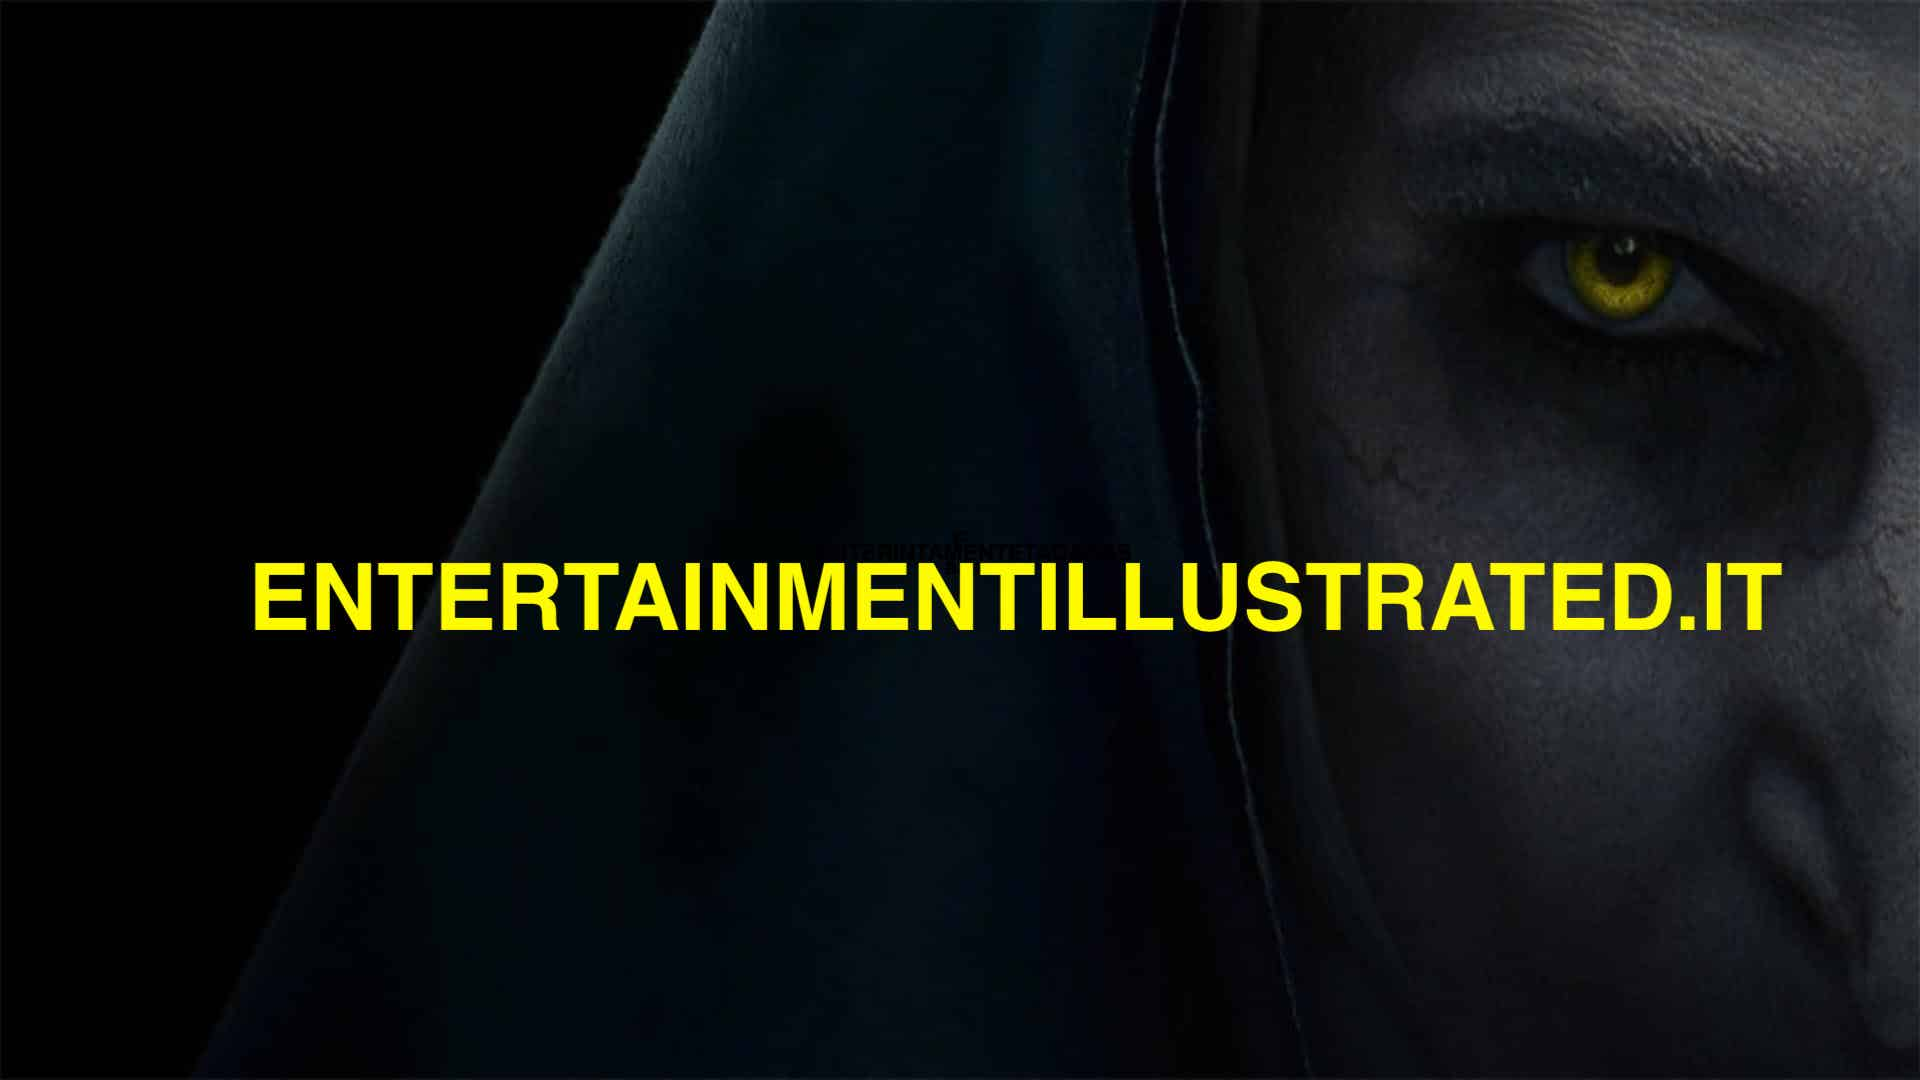 Nuova piattaforma Disney per lo streaming, in arrivo una serie su Star Wars